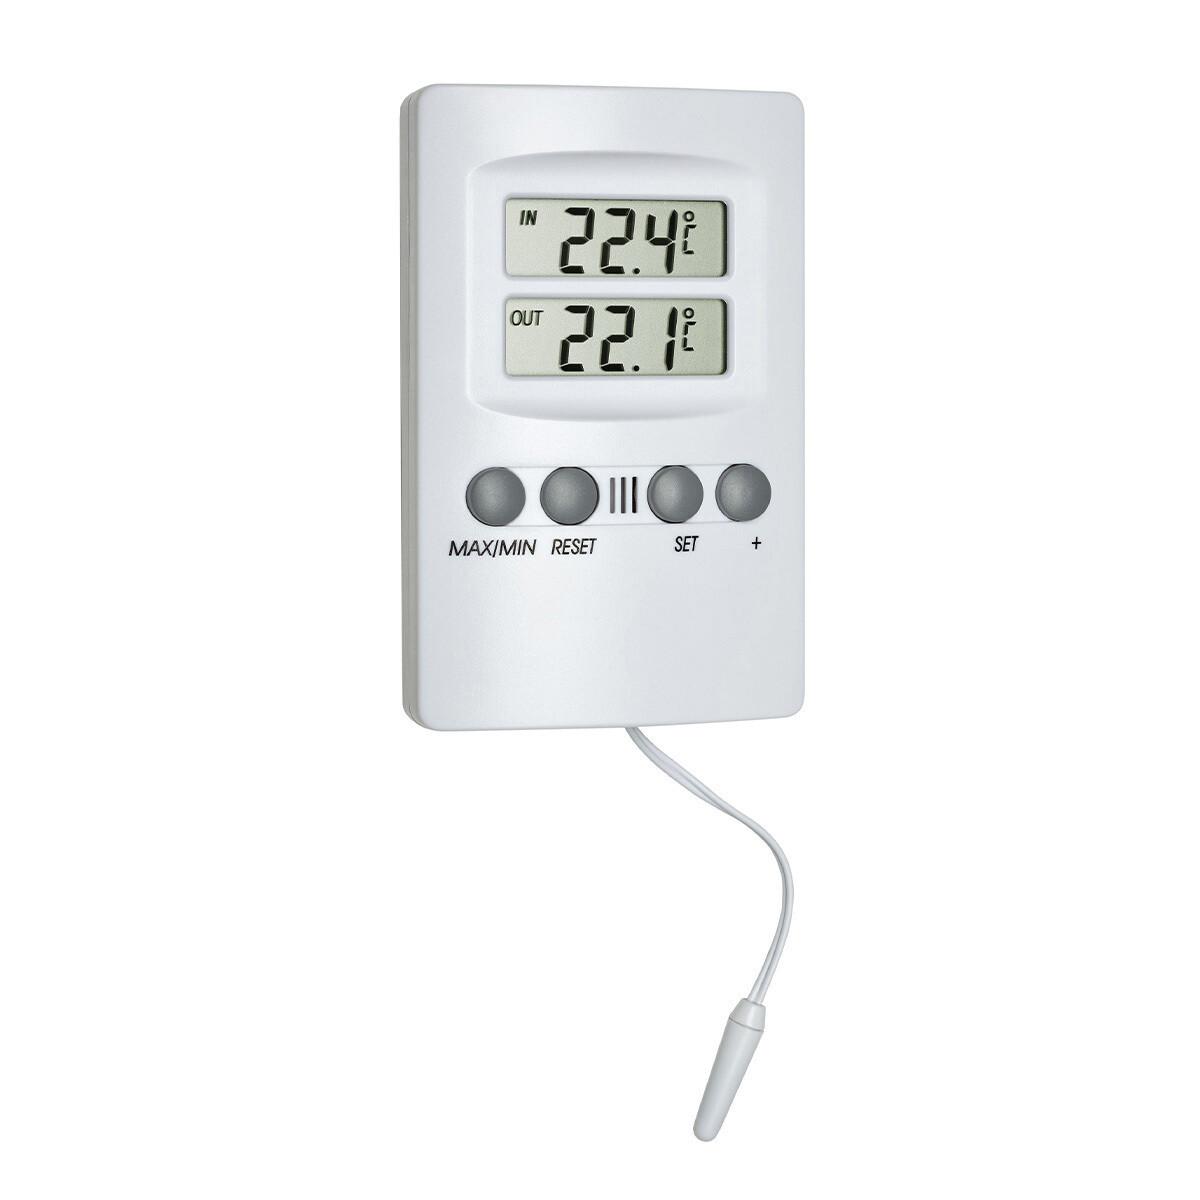 Digitales Innen-Aussen-Thermometer mit Alarm